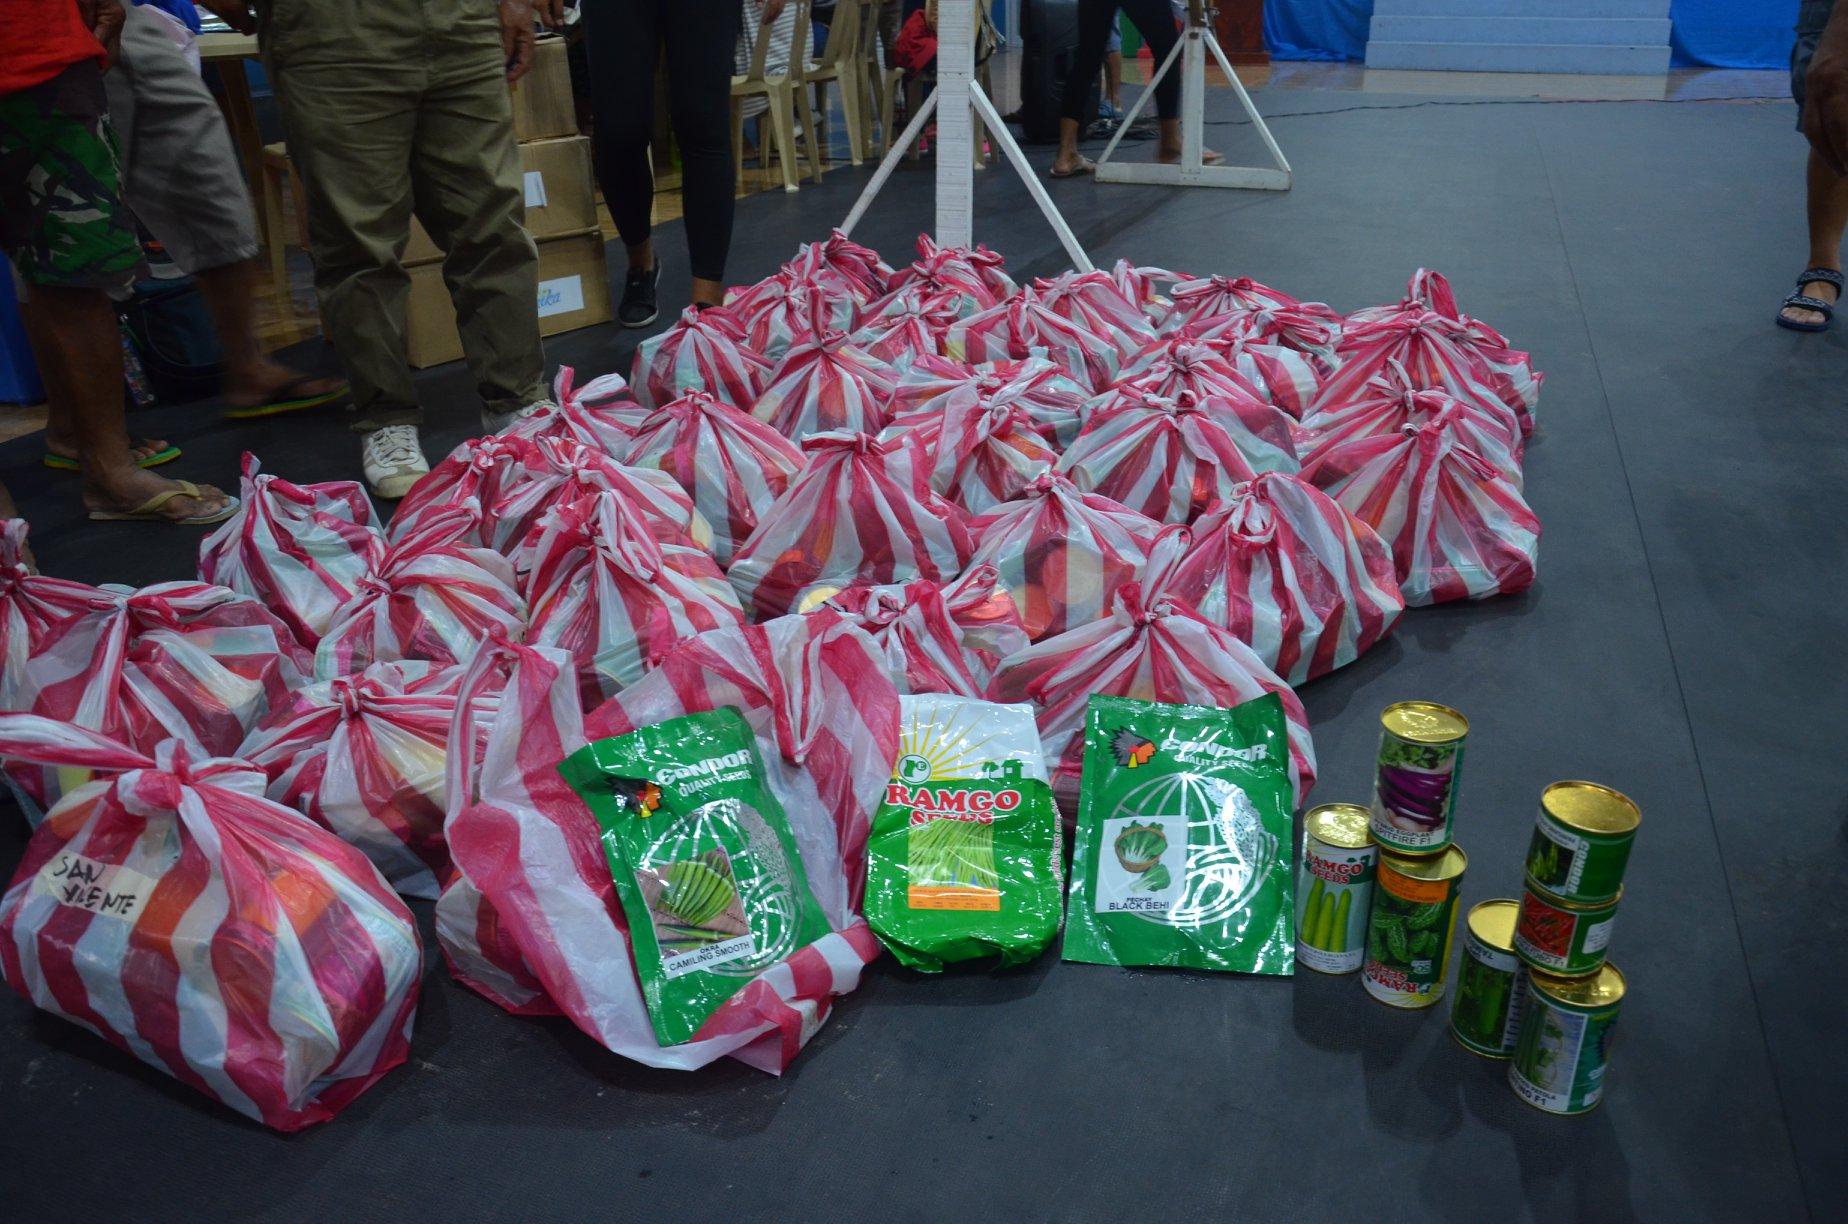 Tulong pa rin mula sa DA: Libreng vegetable seeds at organic 'fertilizer' ipinamahagi sa mga magsasaka